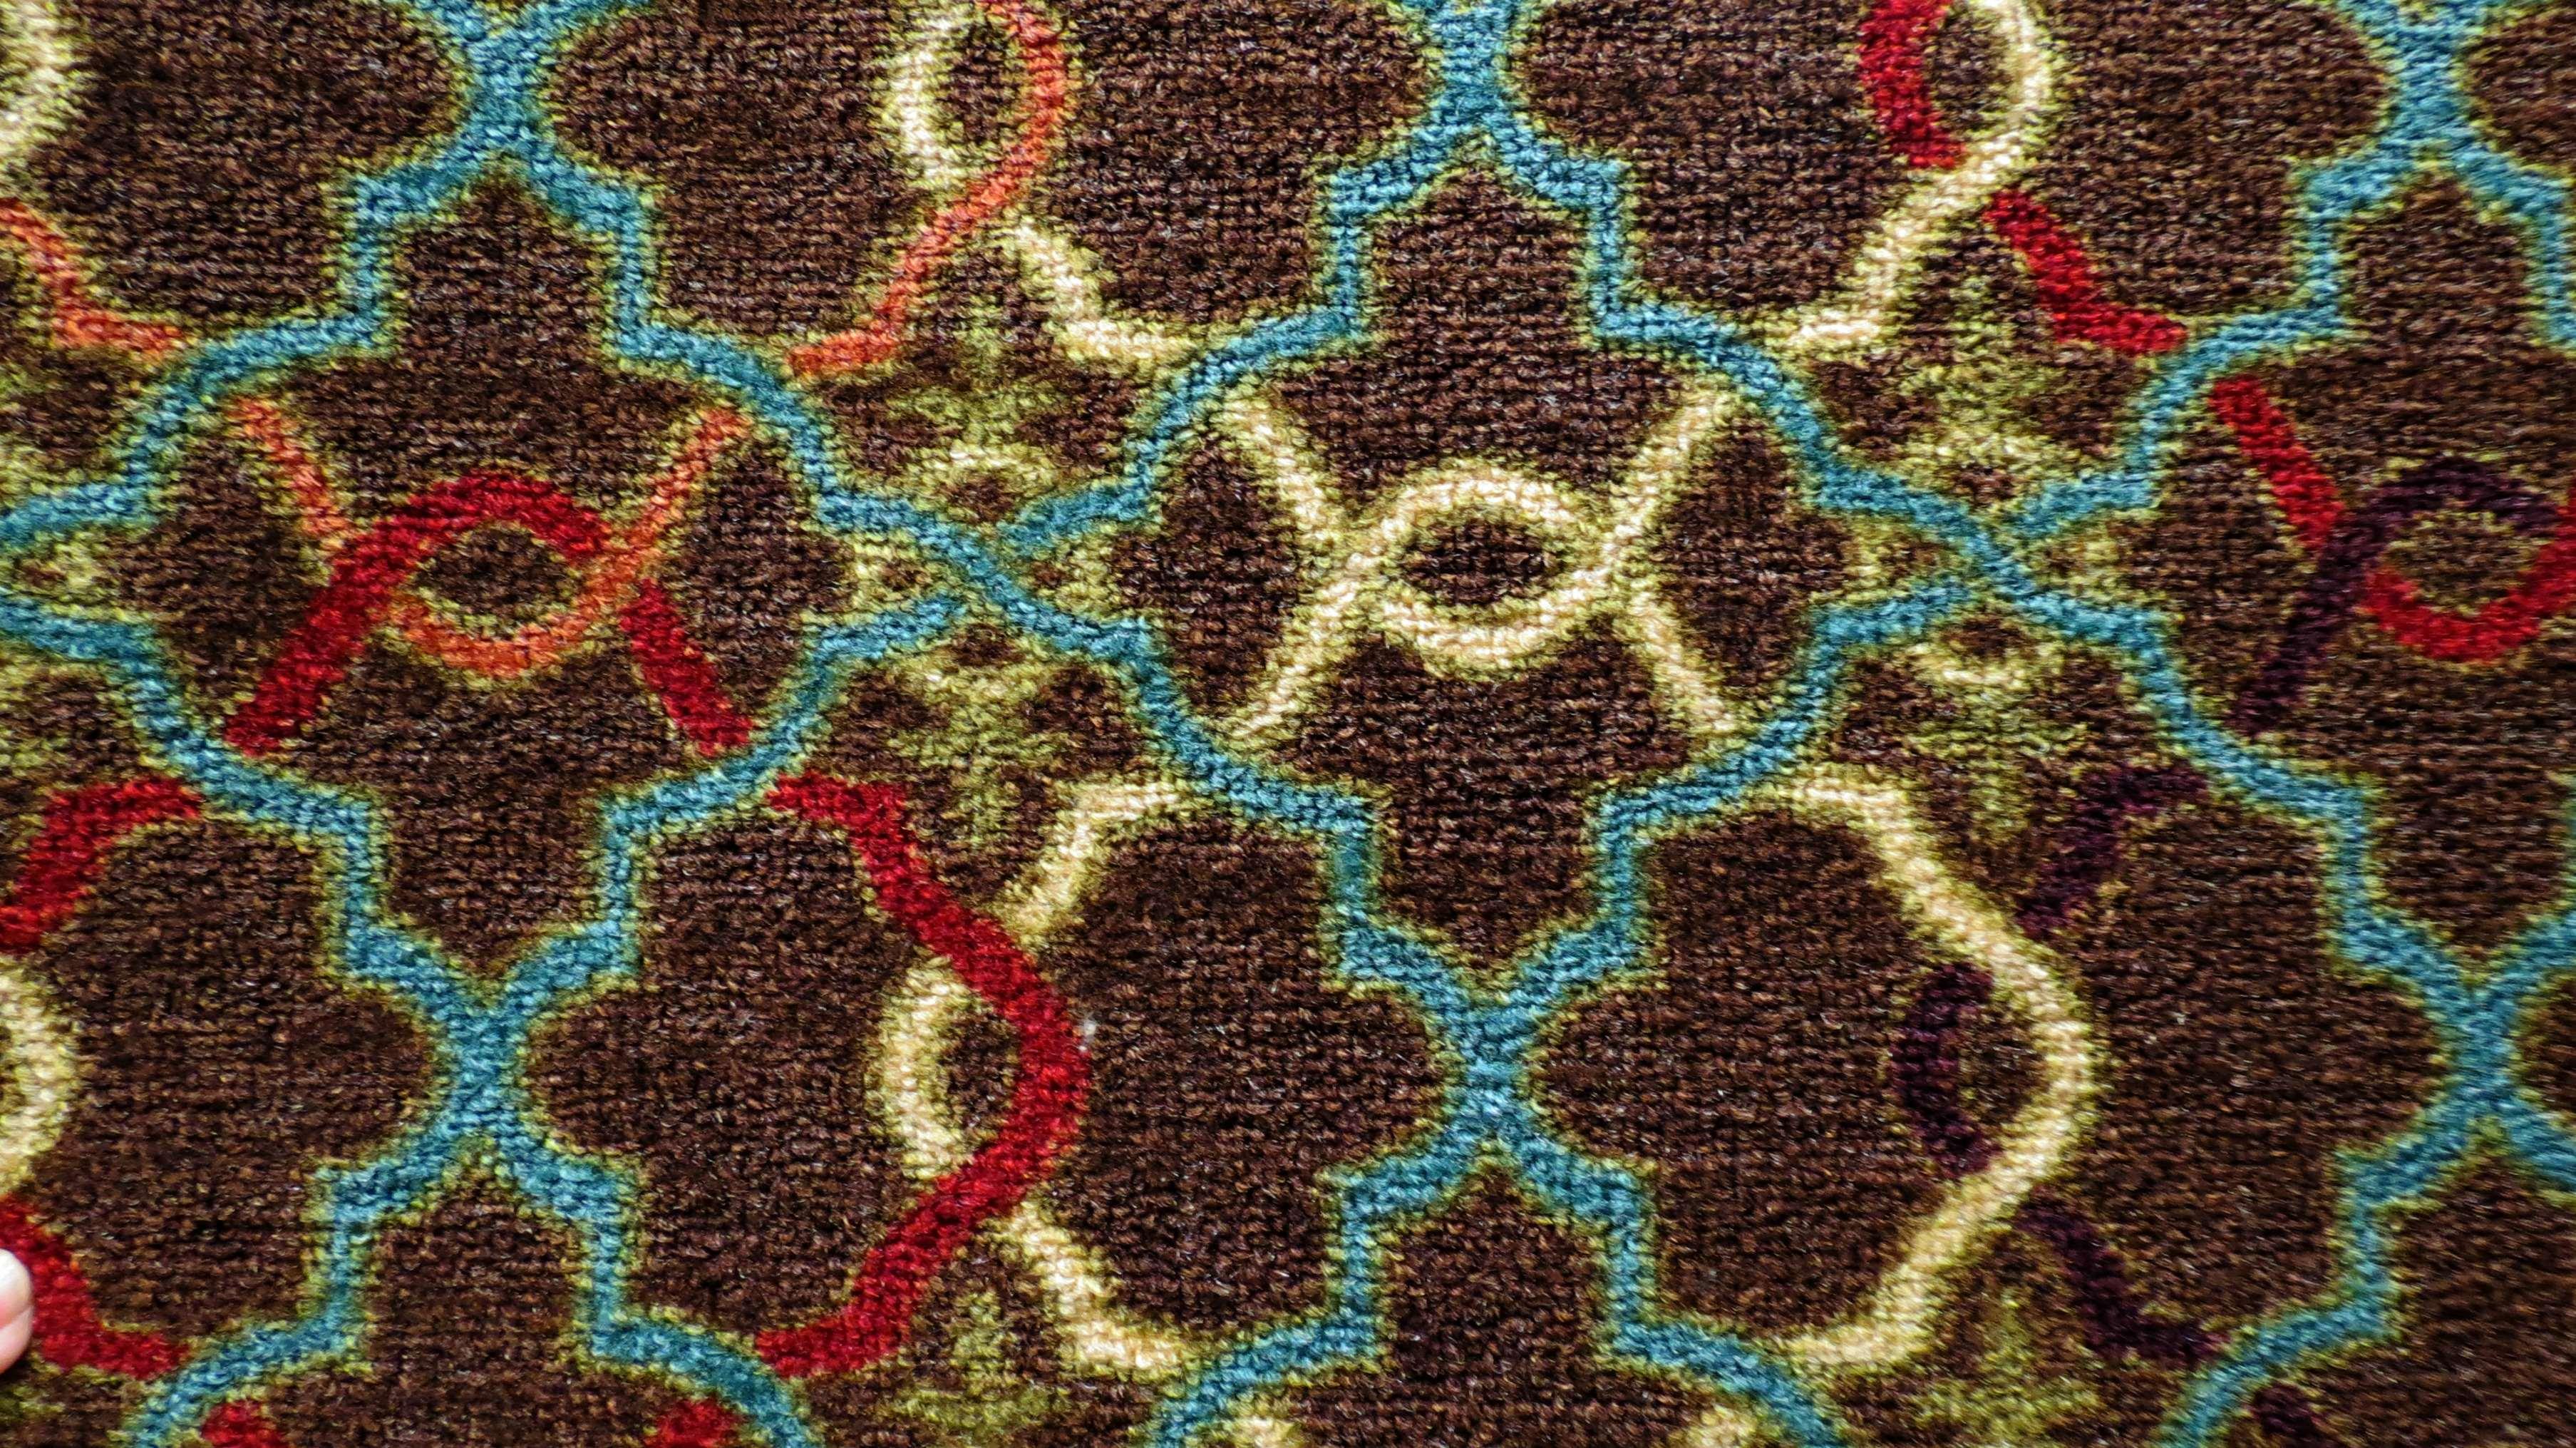 Multicolor Rug Texture